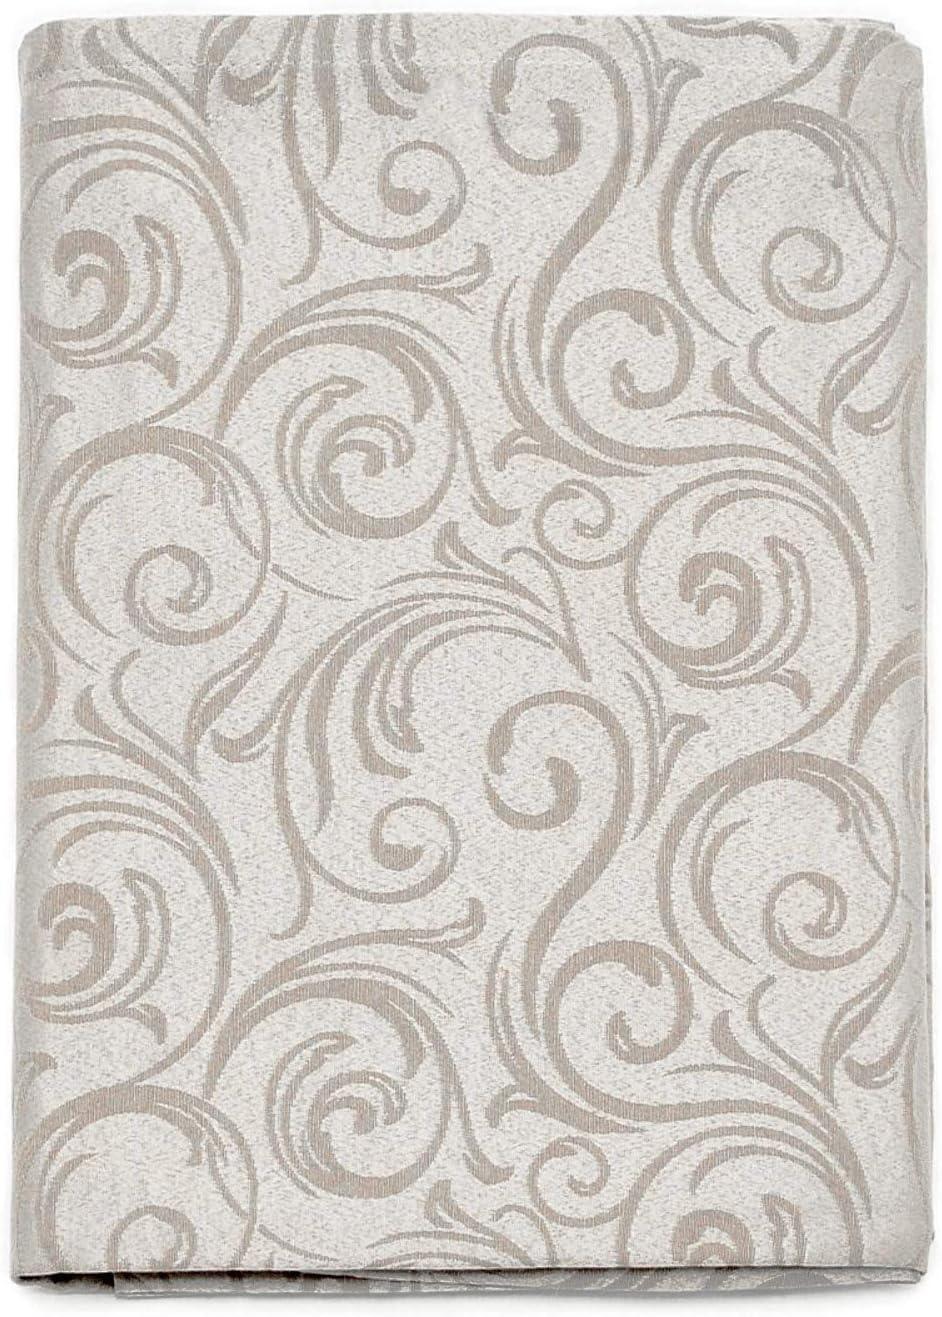 LYON GRANDES TAILLES 150 x 350 cm TRAITEMENT ANTI TACHE REF 59 x 137 NAPPE ARGENT